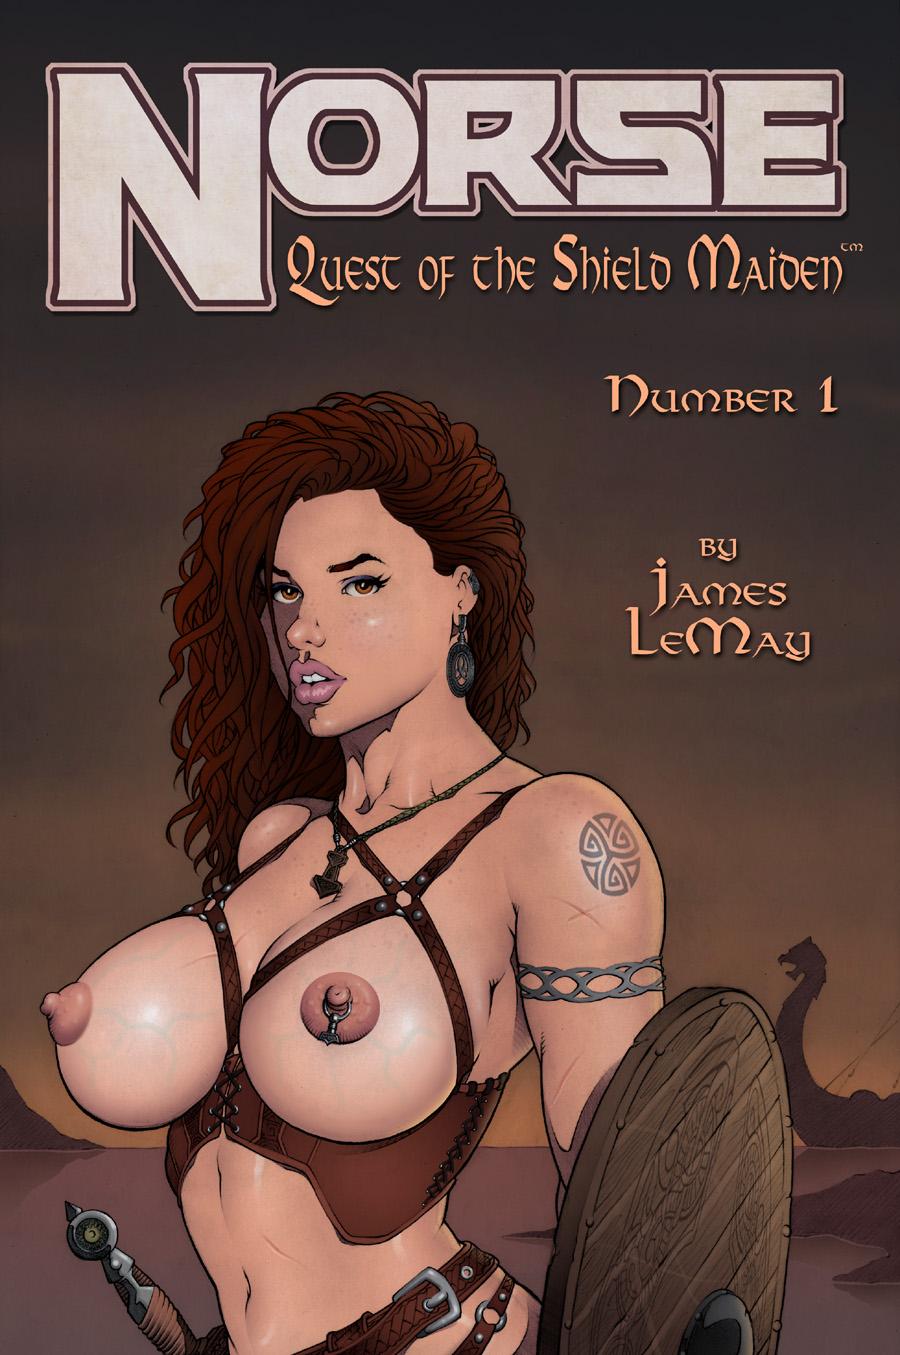 norse - quête de l' Bouclier maiden